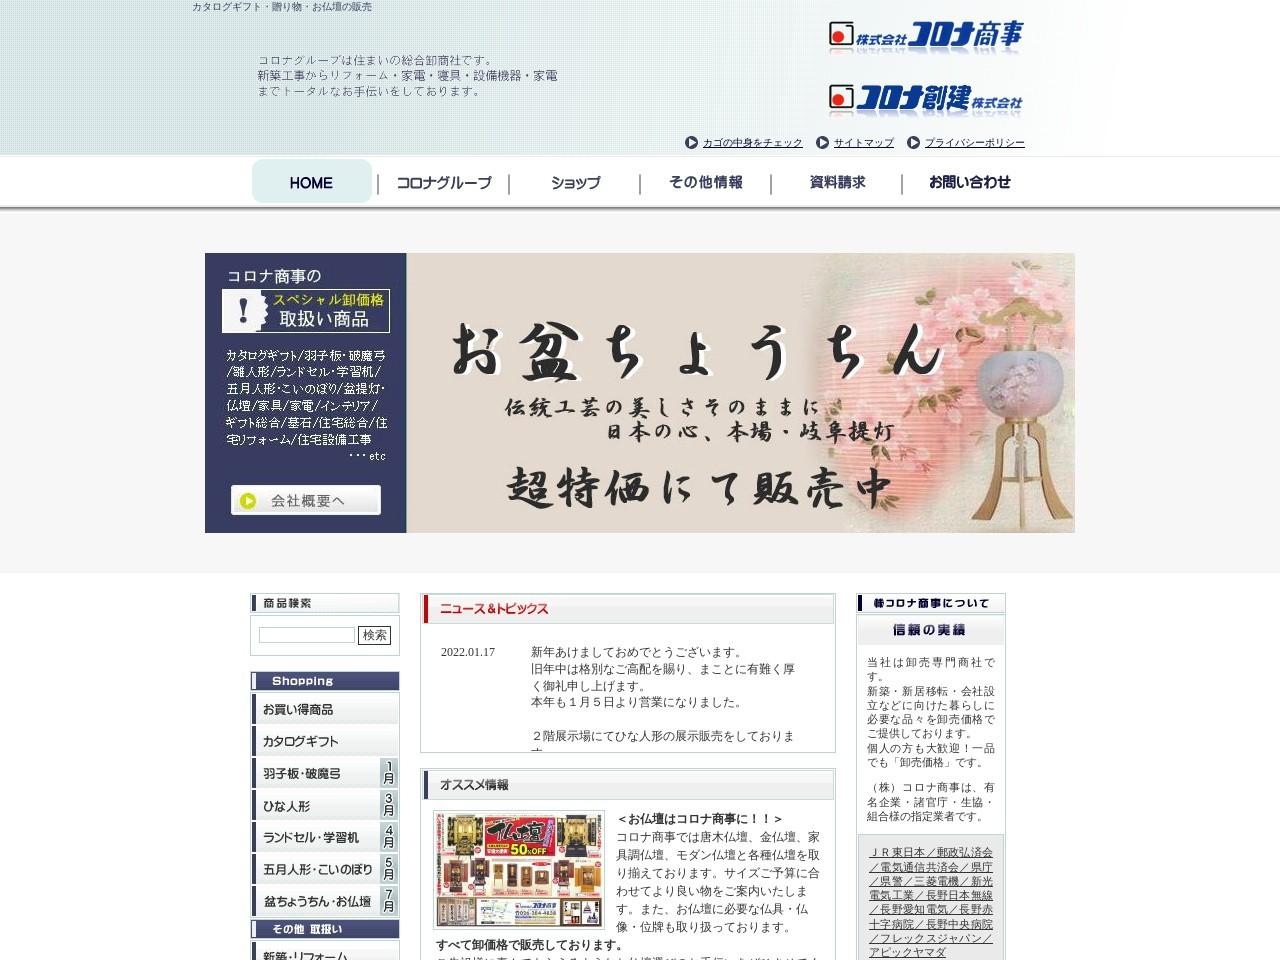 カタログギフト・引出物・仏壇の(株)コロナ商事